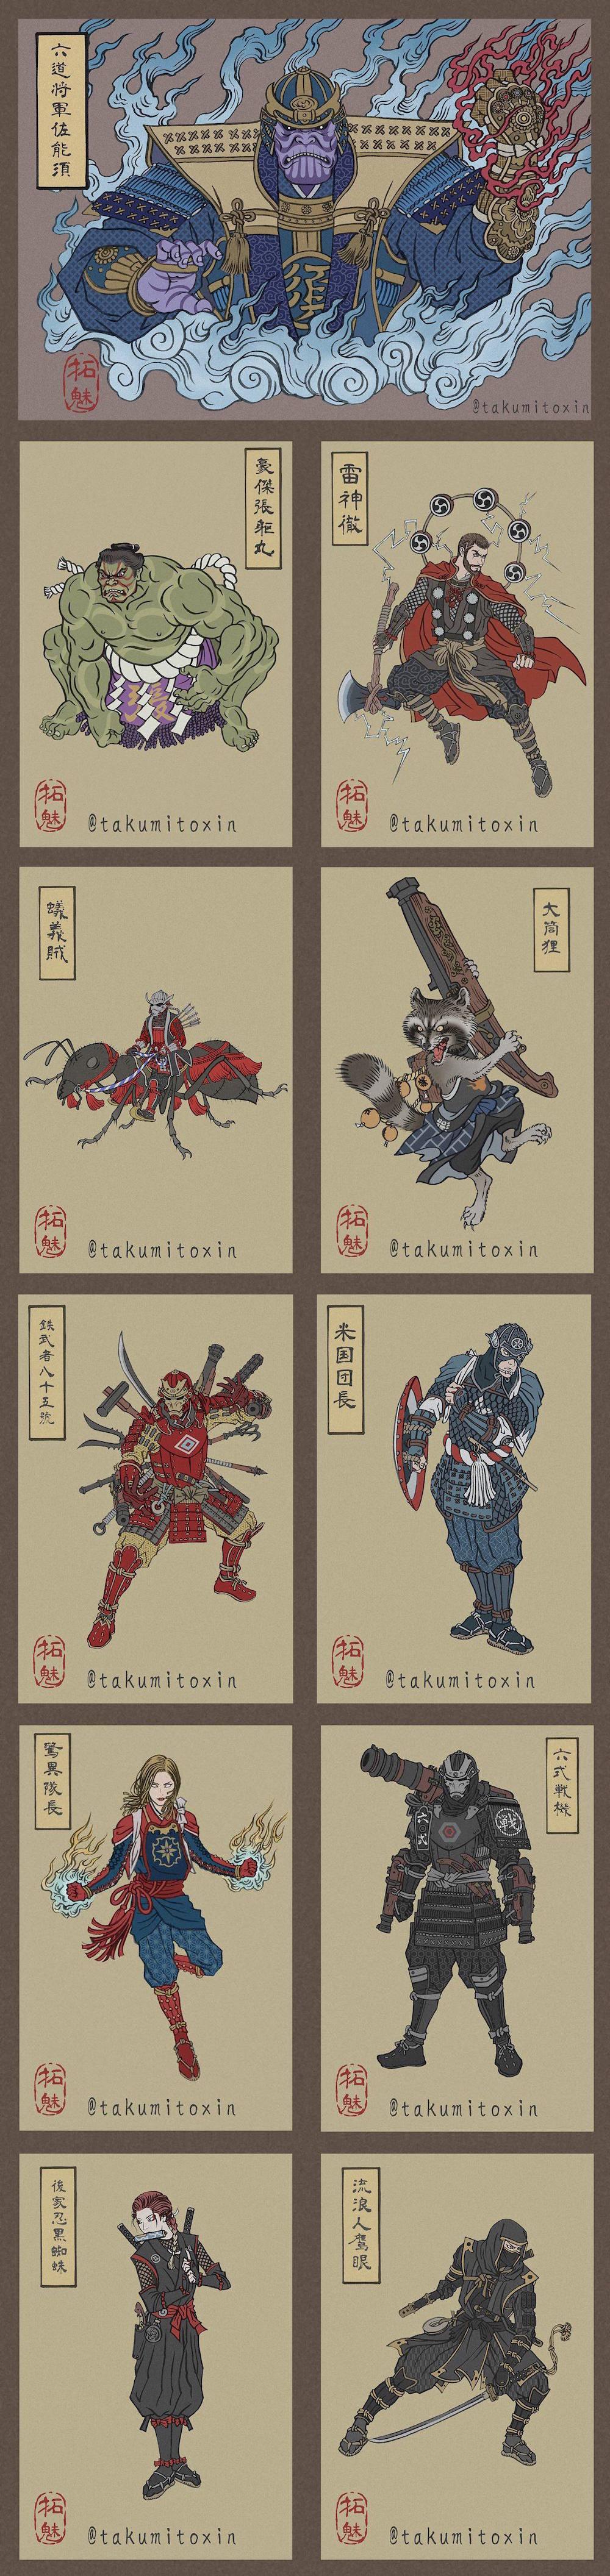 Avengers Endgame Ukiyo-e Style